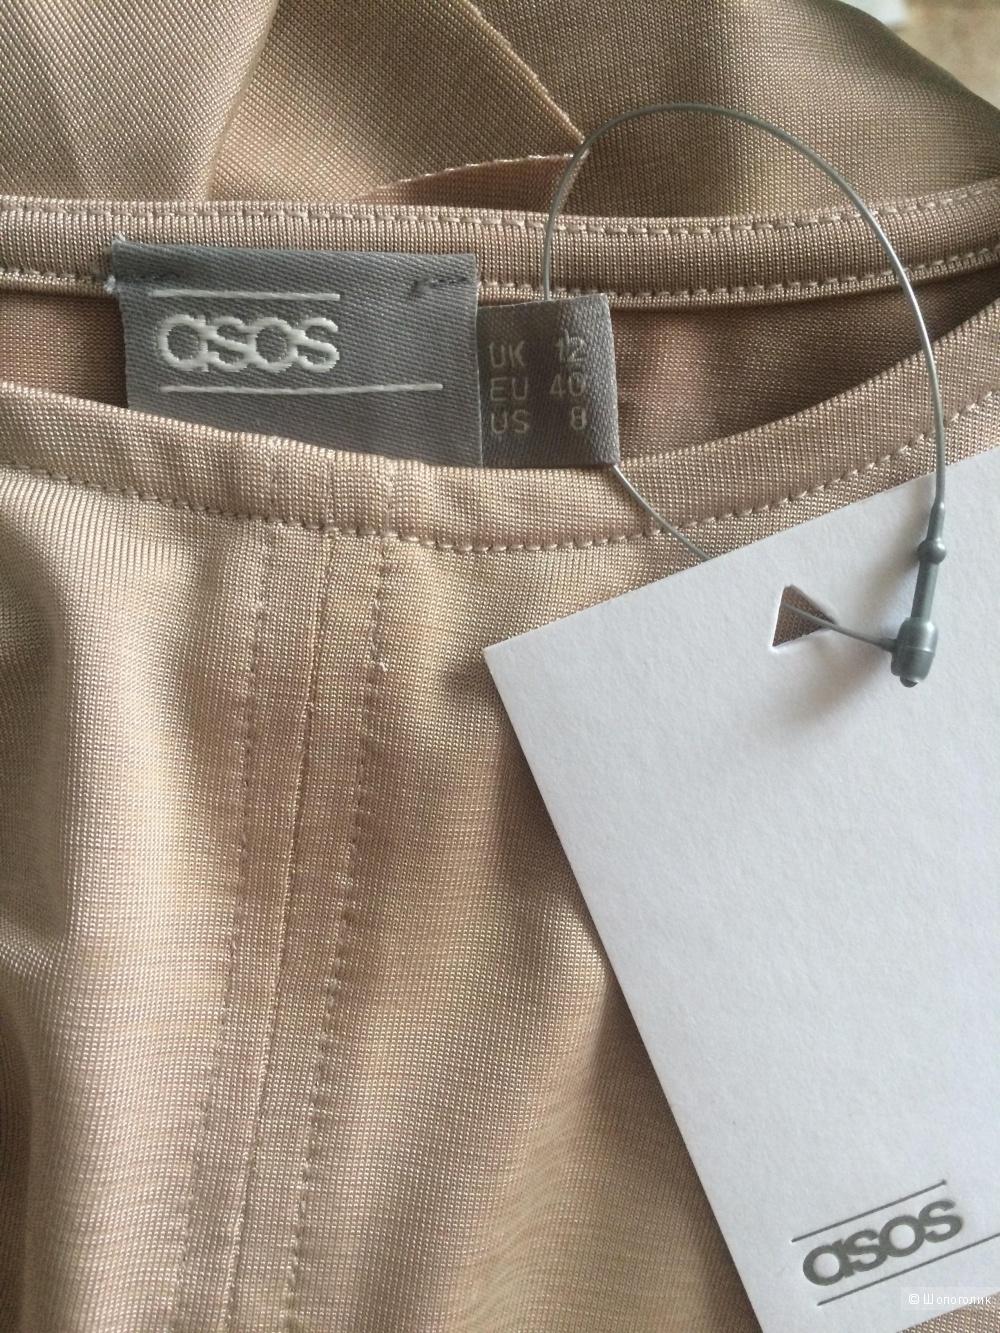 Топ ASOS 46 размер (рос).